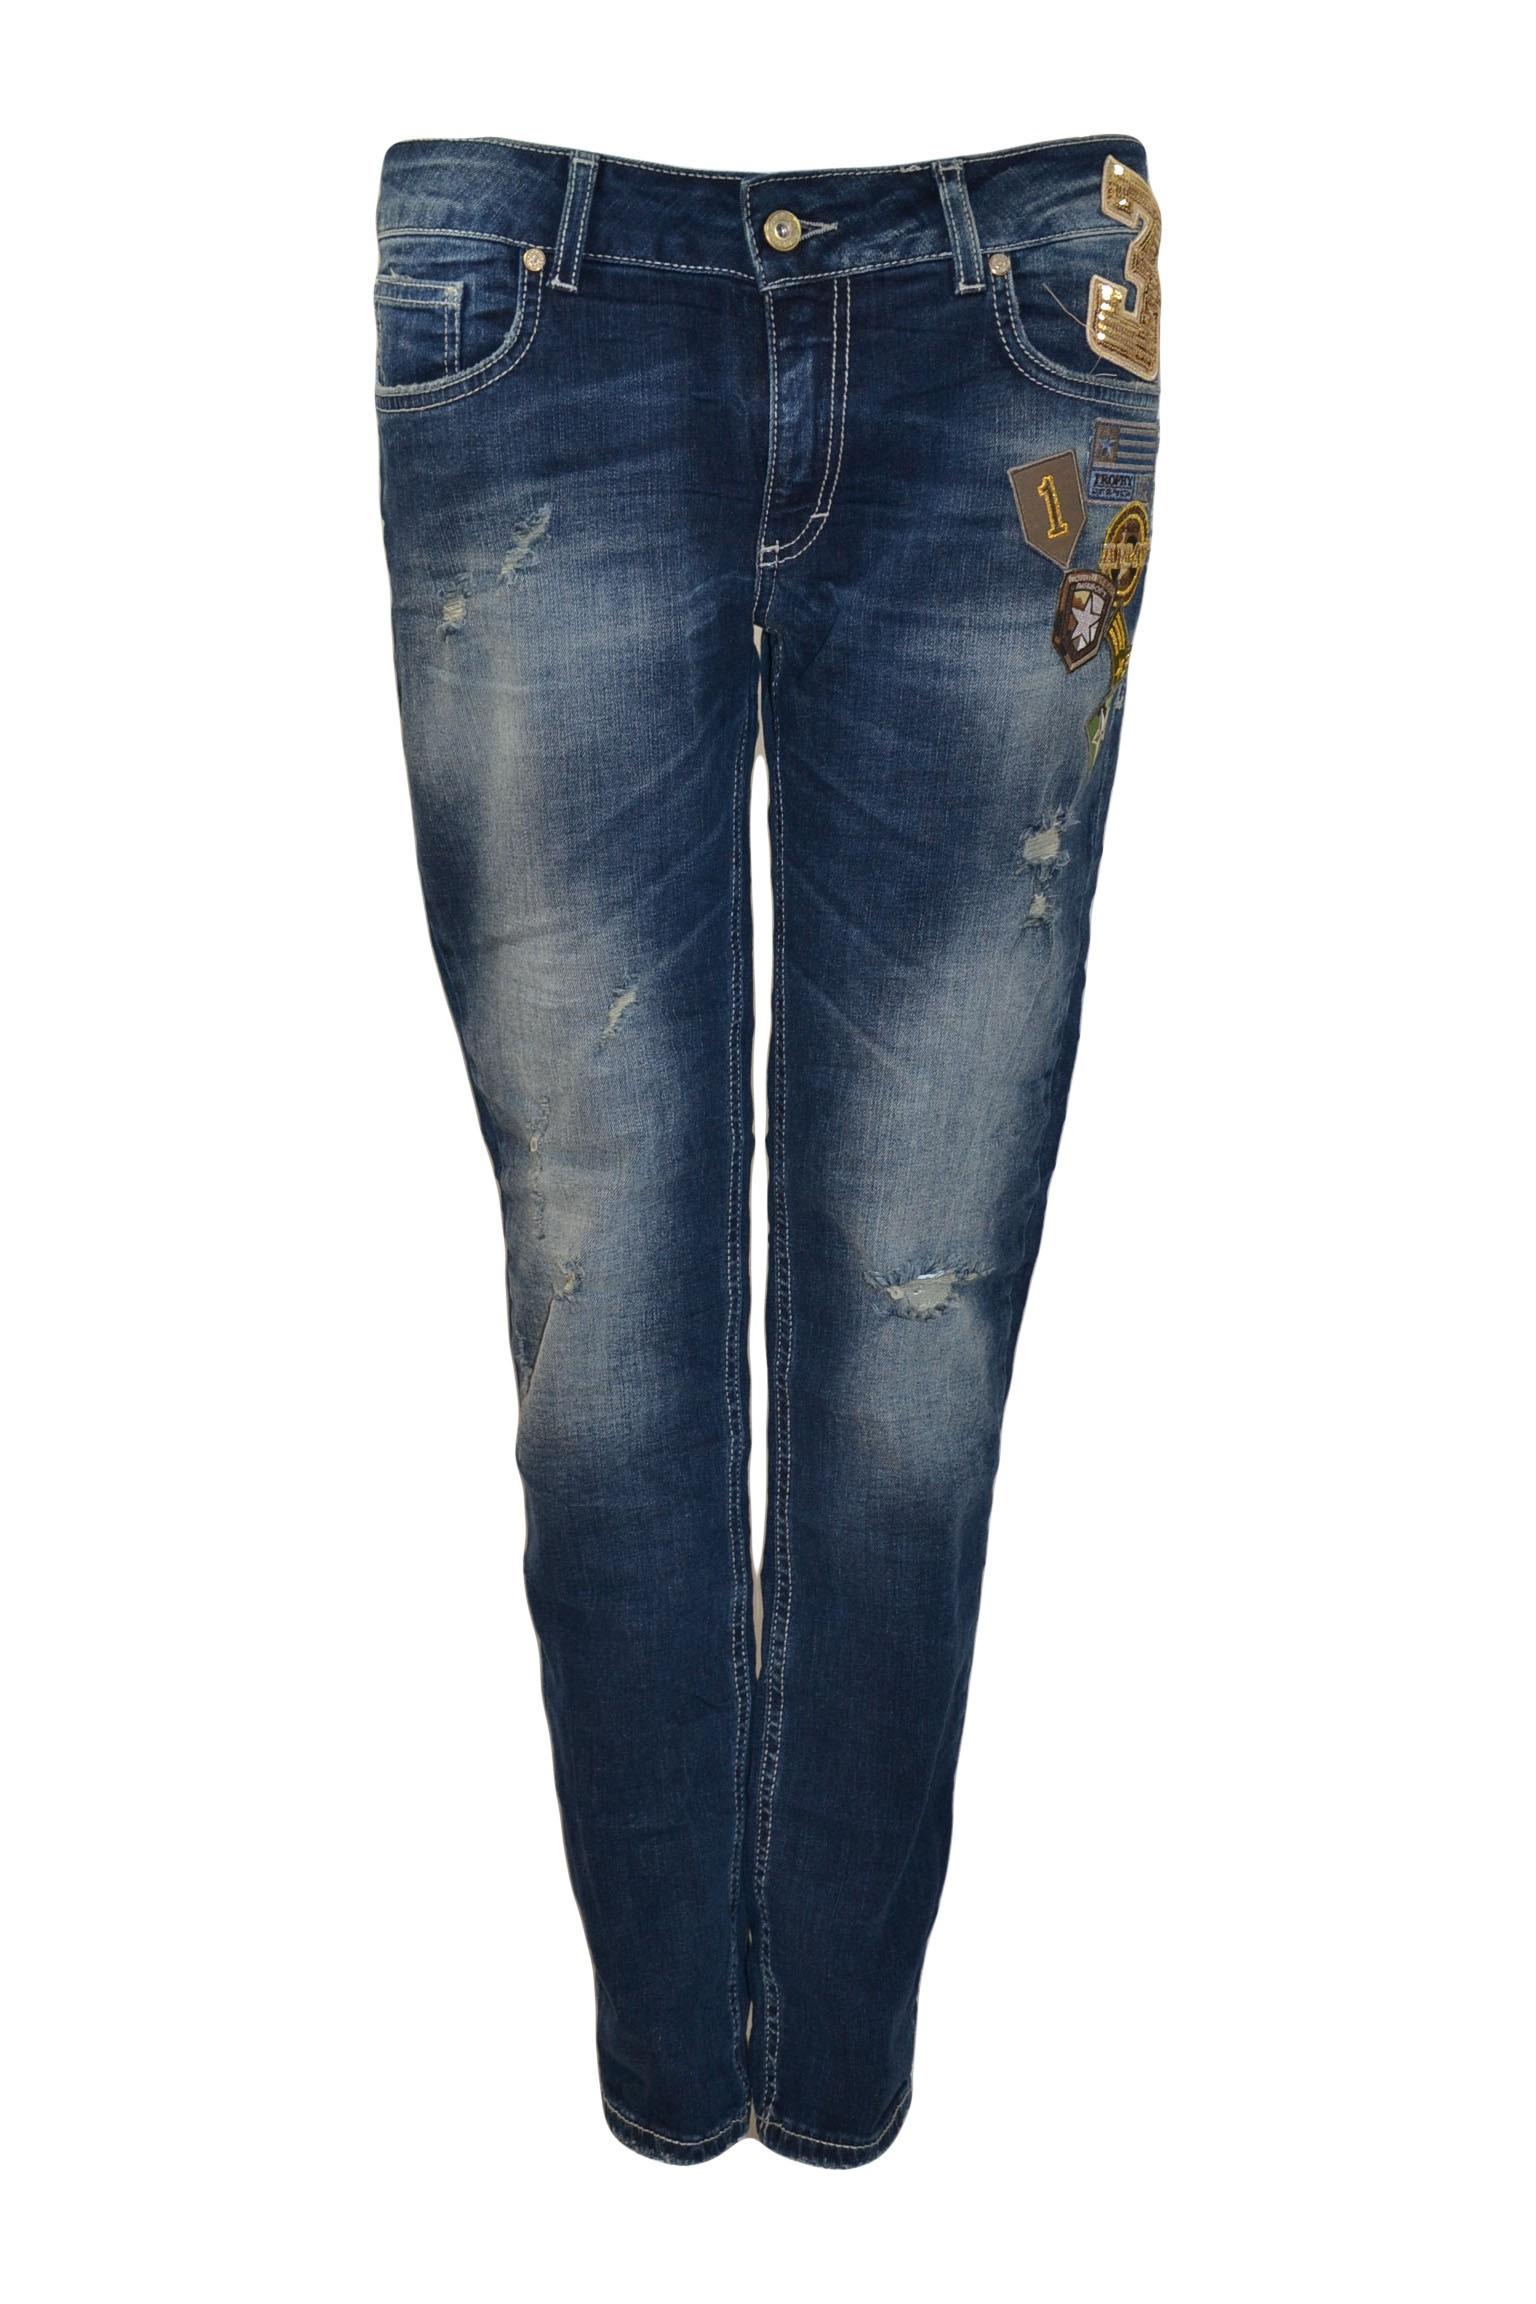 Rossodisera jeans boyfriend j3002three